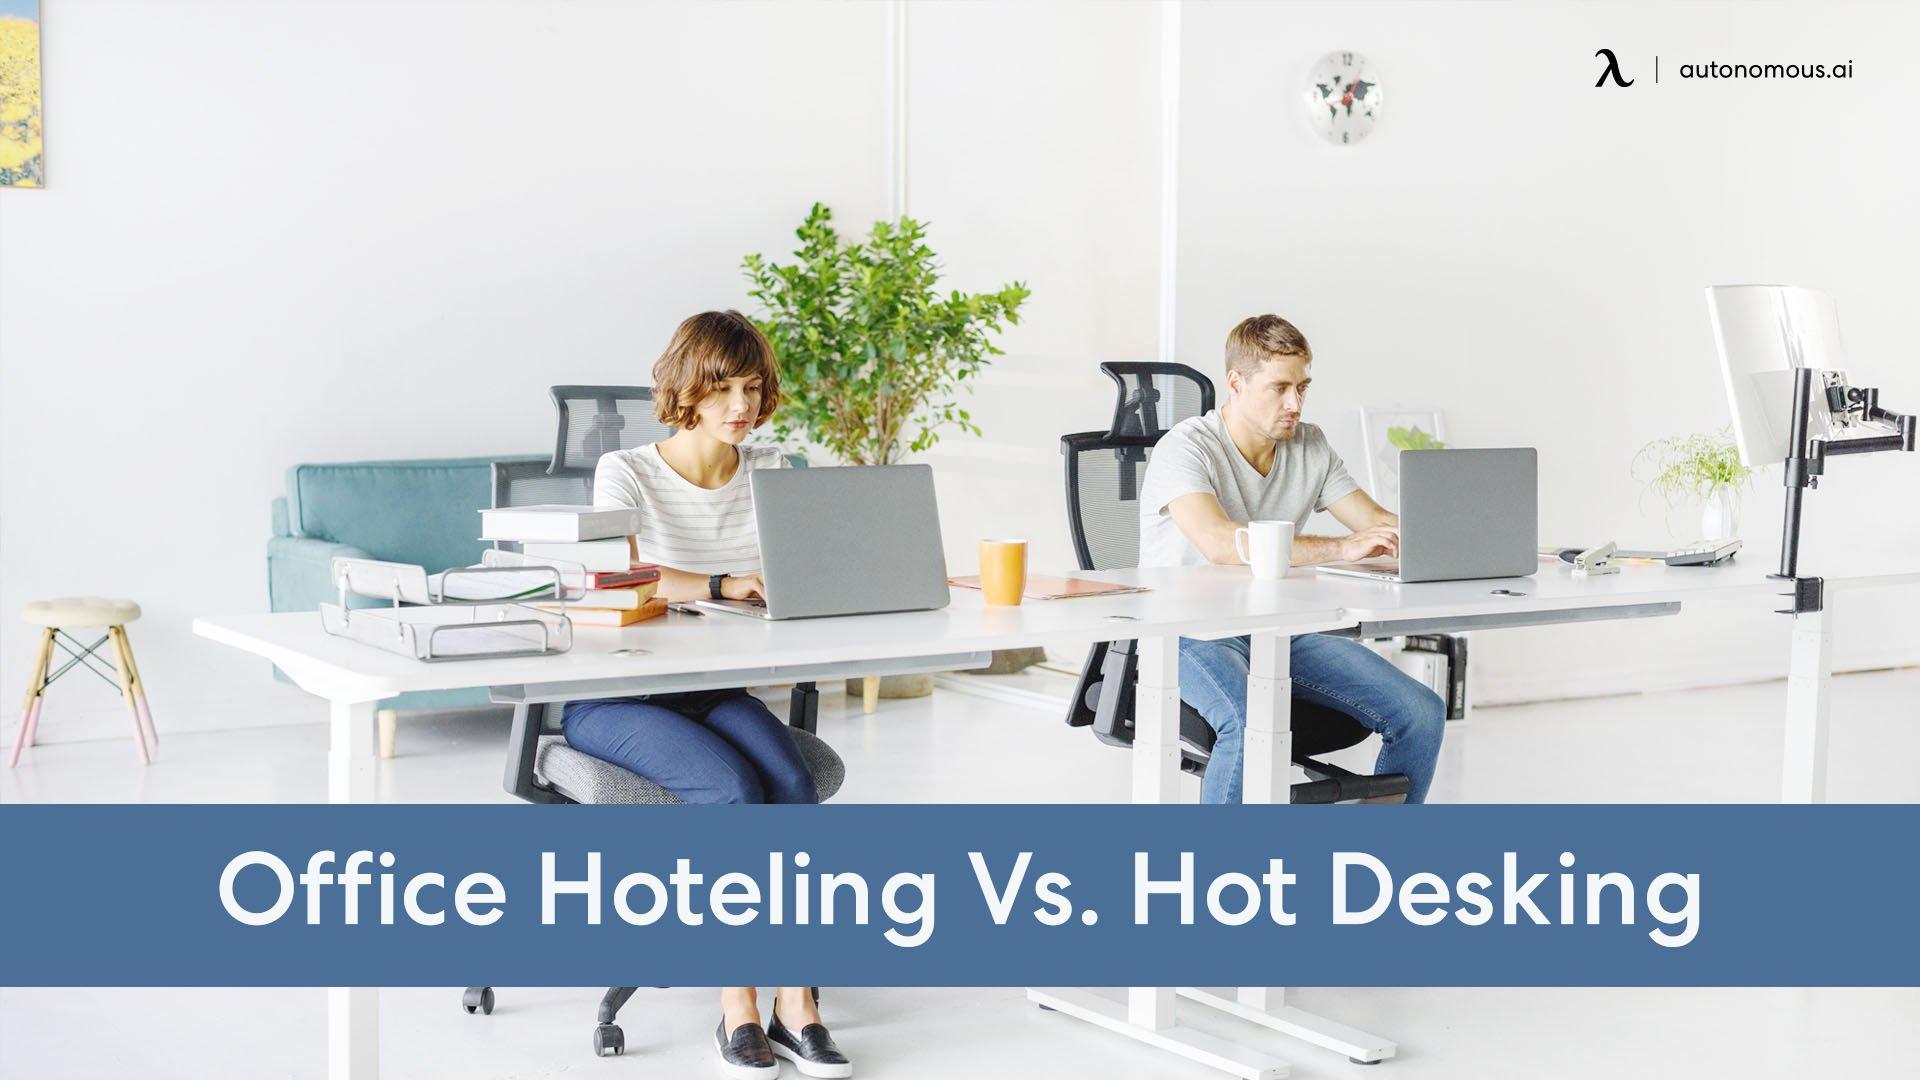 Office hoteling vs. Hot desking